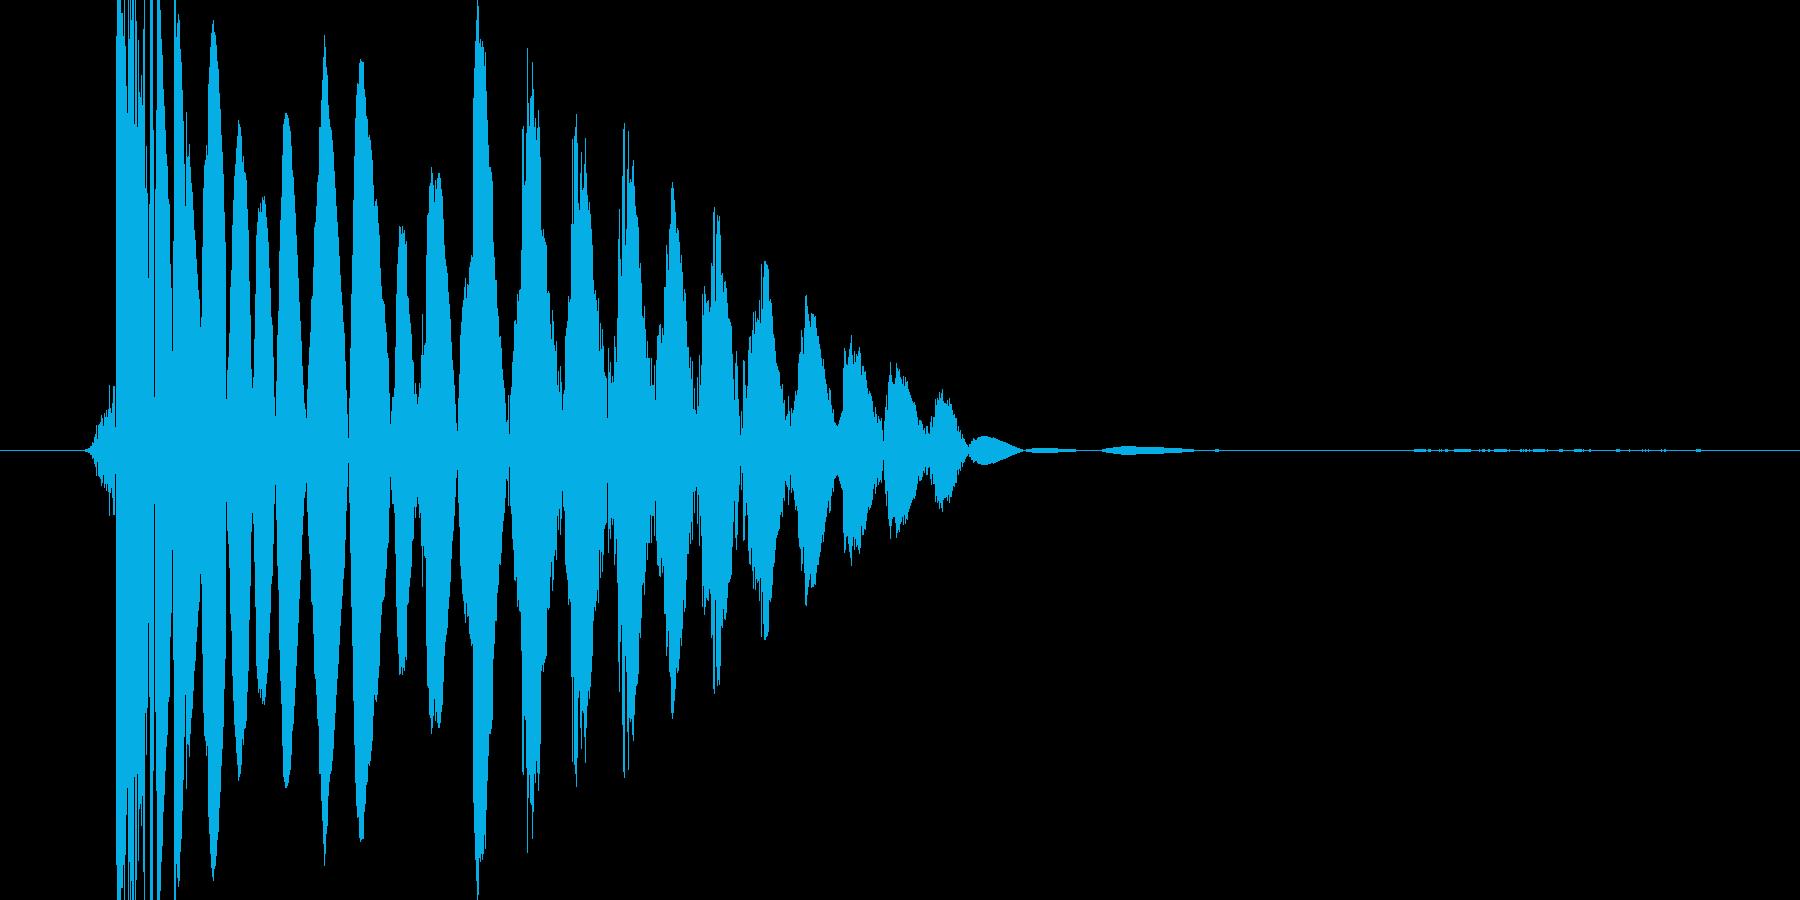 ドスっという衝撃音の再生済みの波形